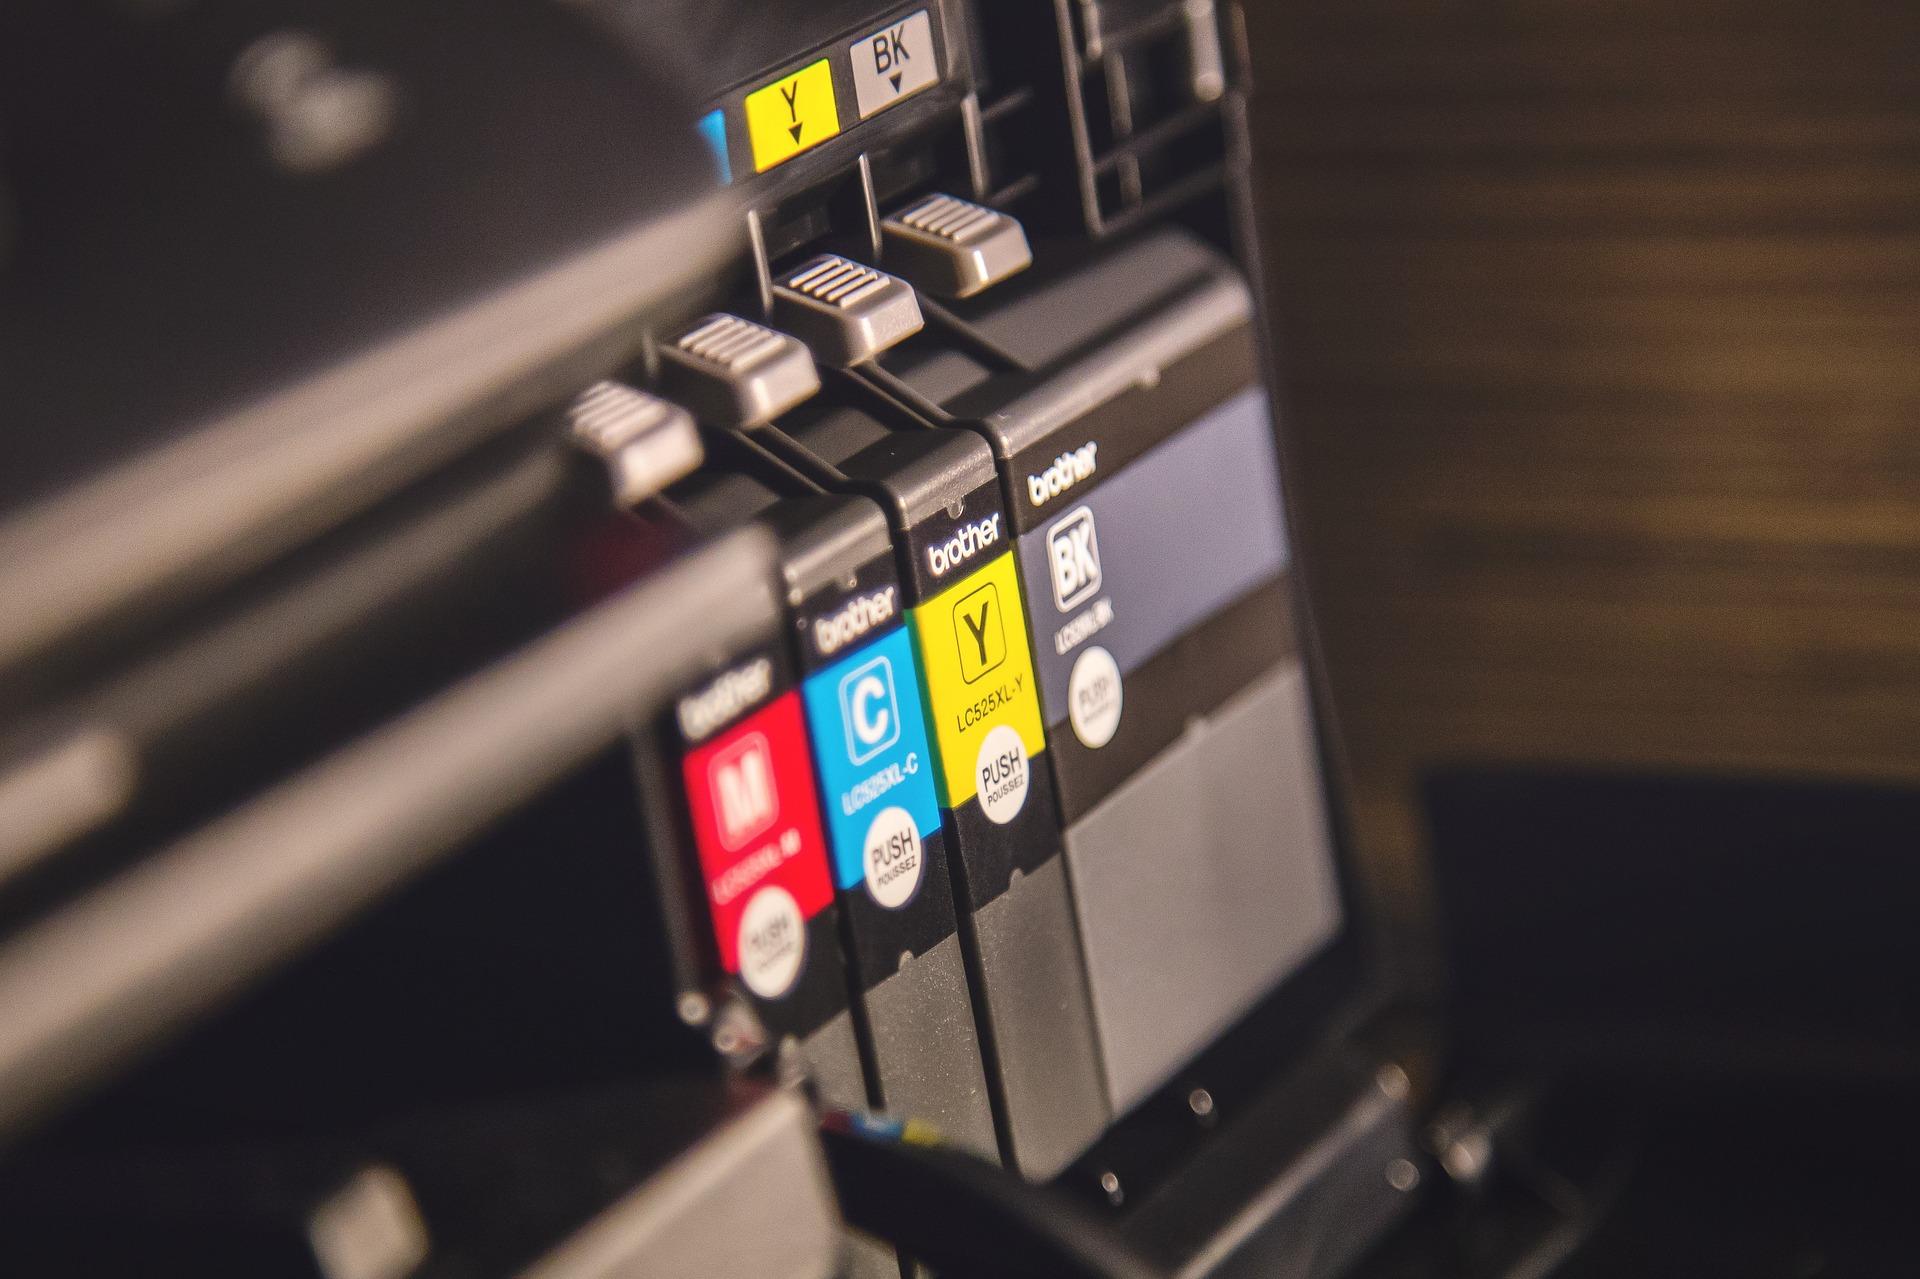 Jahrespartnerevent der Werbeagentur MURR: Print lebt! Besondere Produkte mit Printveredelungen.